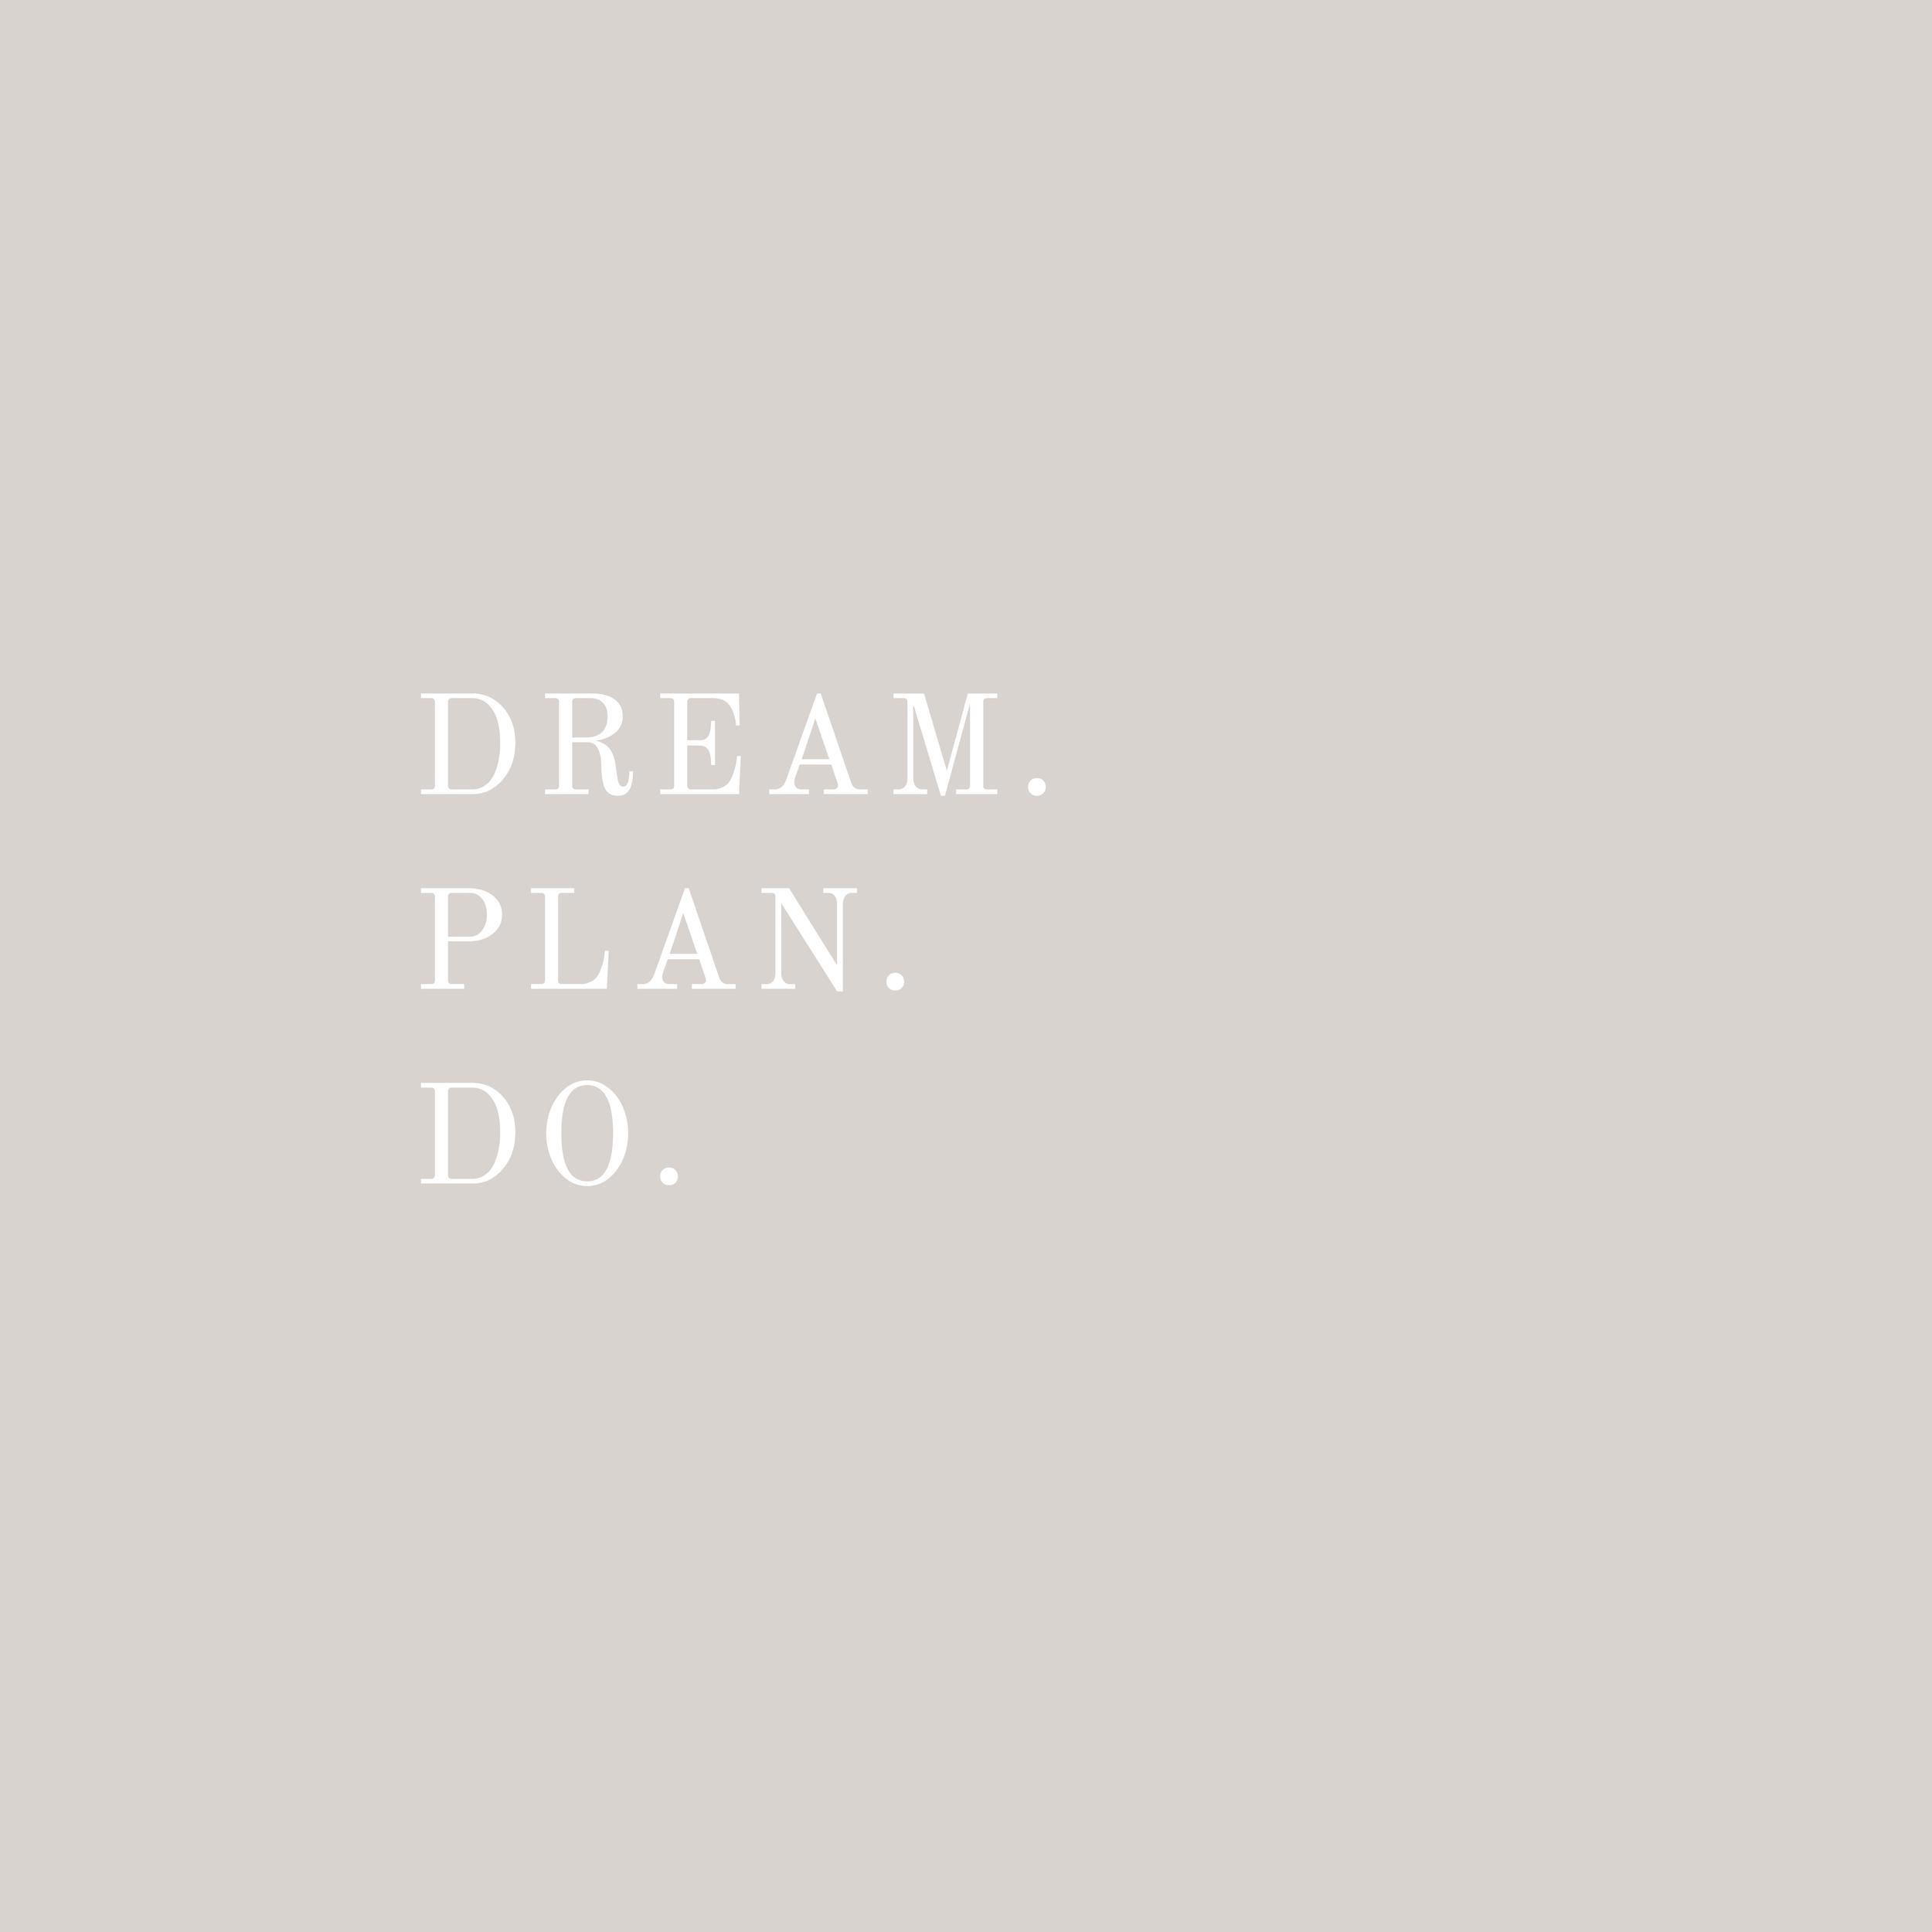 dream, plan, do